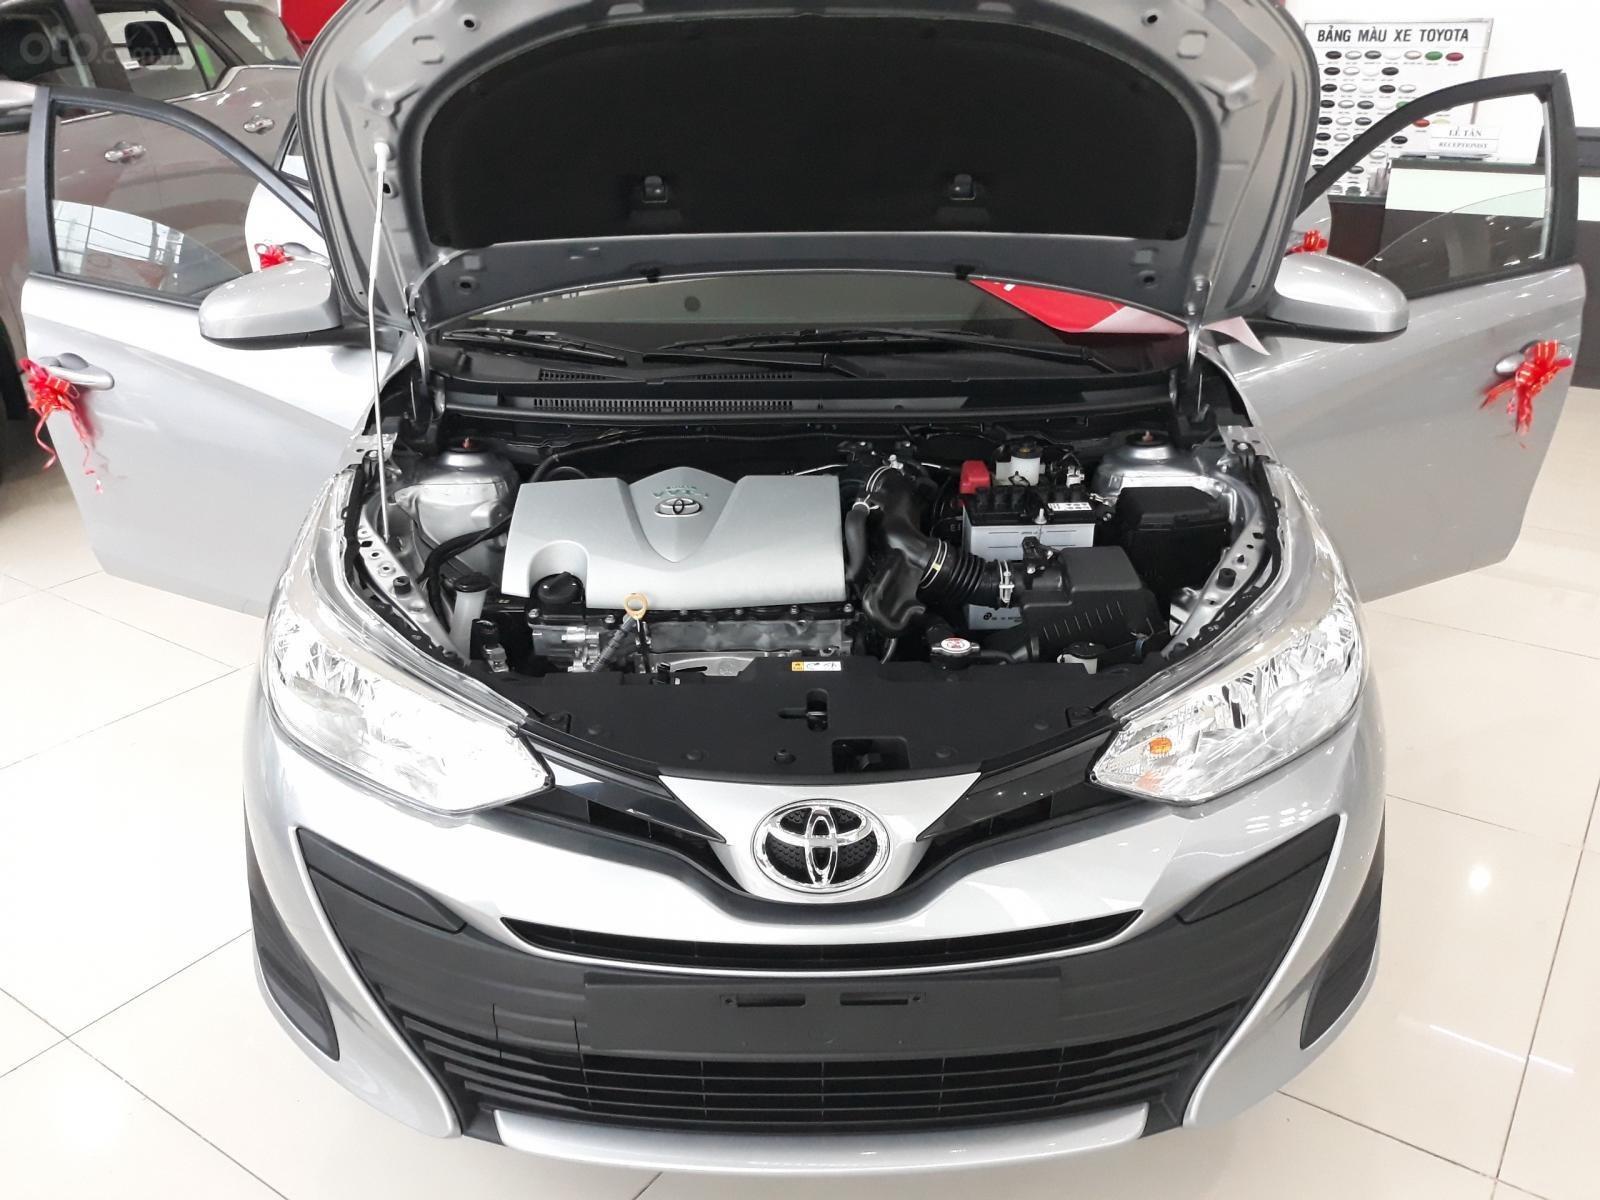 Bán Vios 2019 chường trình ưu đãi lớn tại Toyota An Sương-2